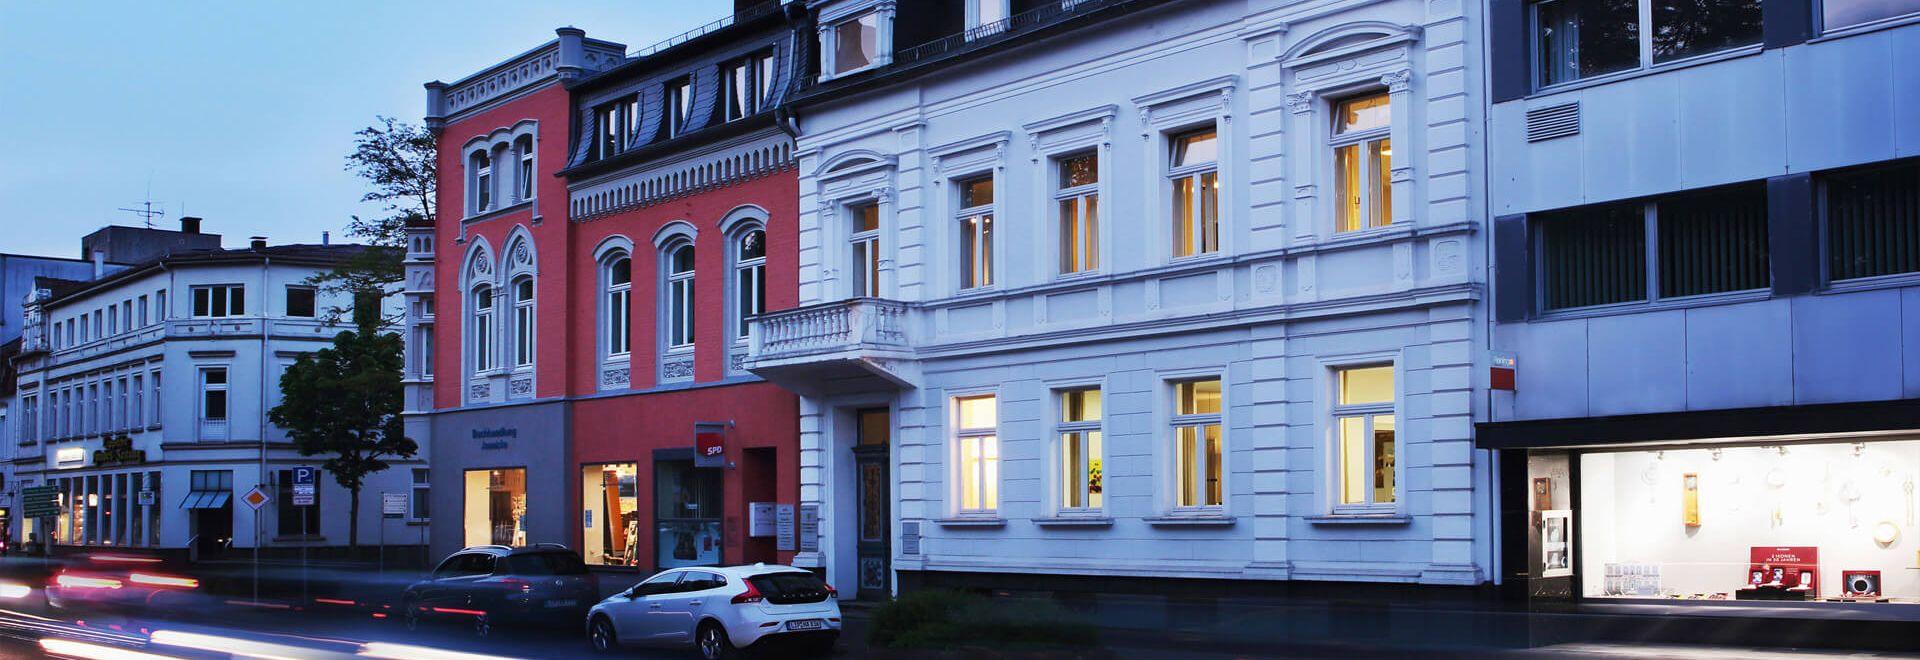 Paulinenstraße 37 bei Nacht